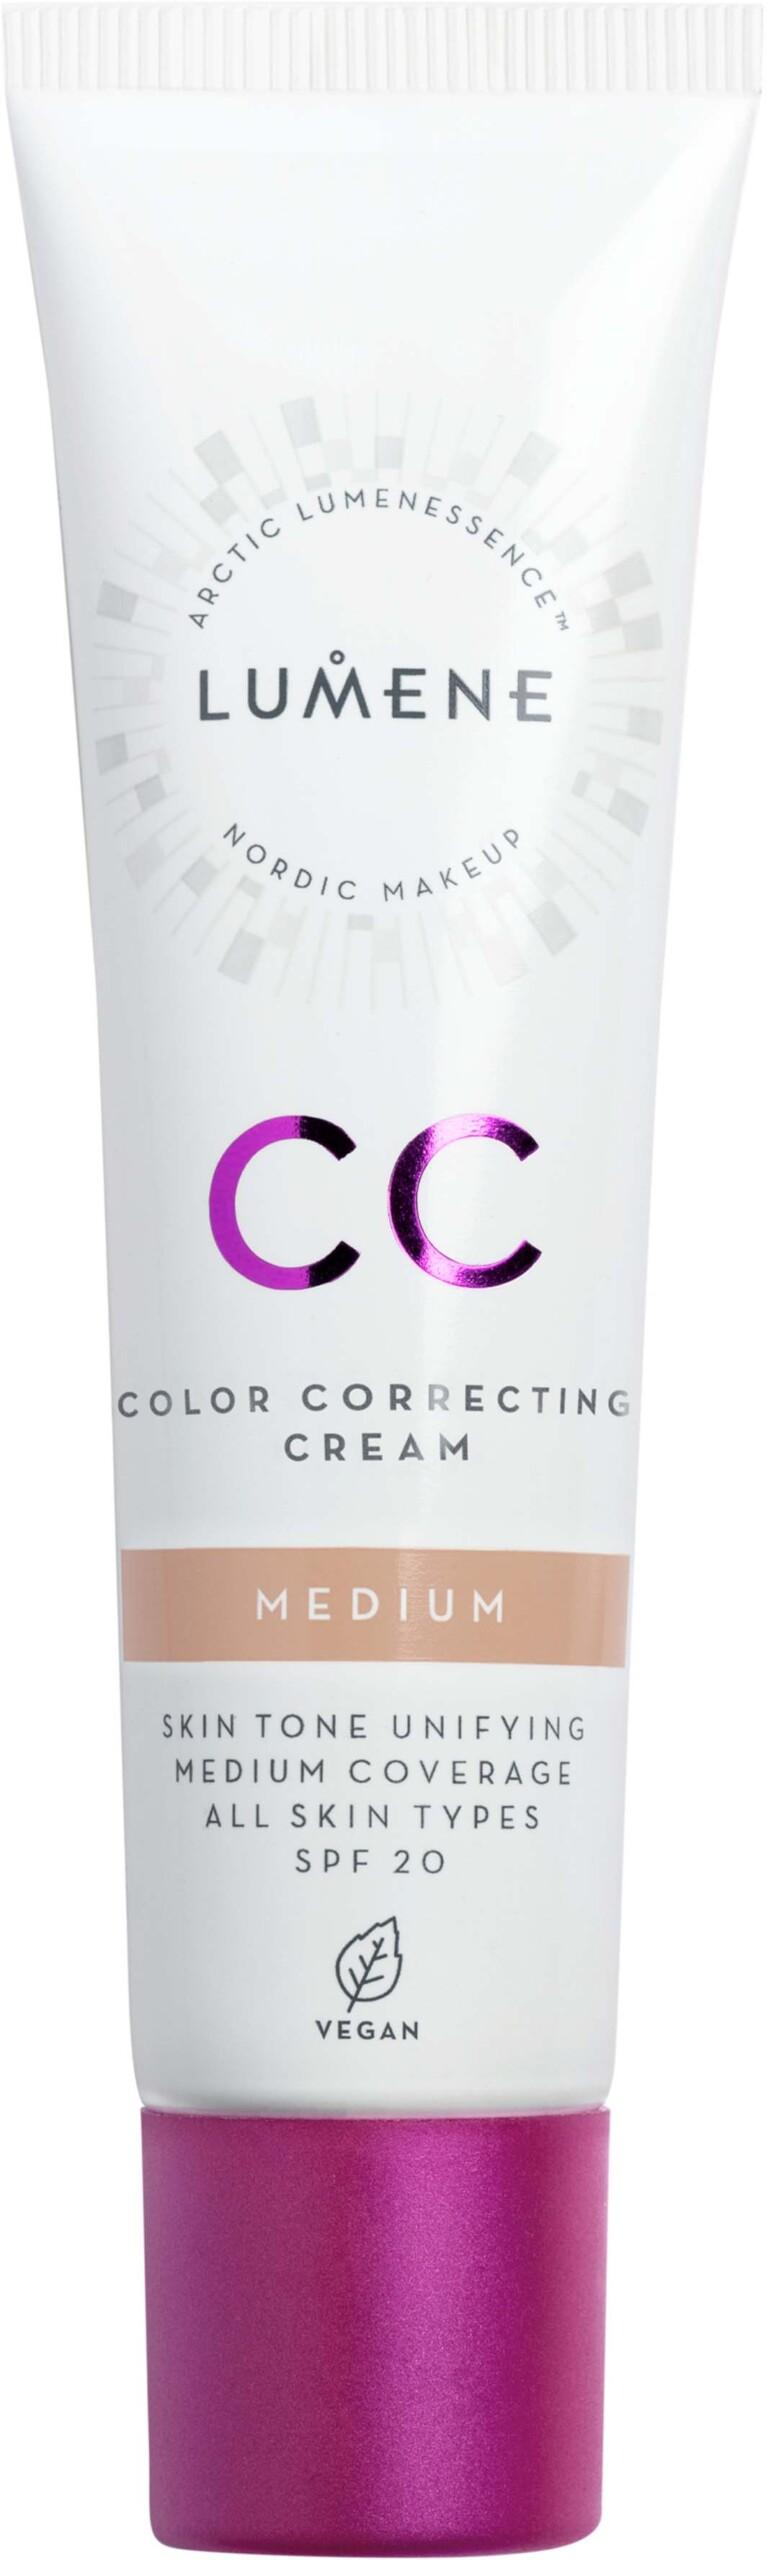 lumene-cc-color-correcting-cream-spf20-wants-innkjøp-lyko-sminke-hudpleie-hudprodukter-hudrens-anbefaler-favoritter-hudfavoritter-sminkefavoritter-isalicious-isalicious1-isalicious.blogg.no-skjønnhet-blogger-